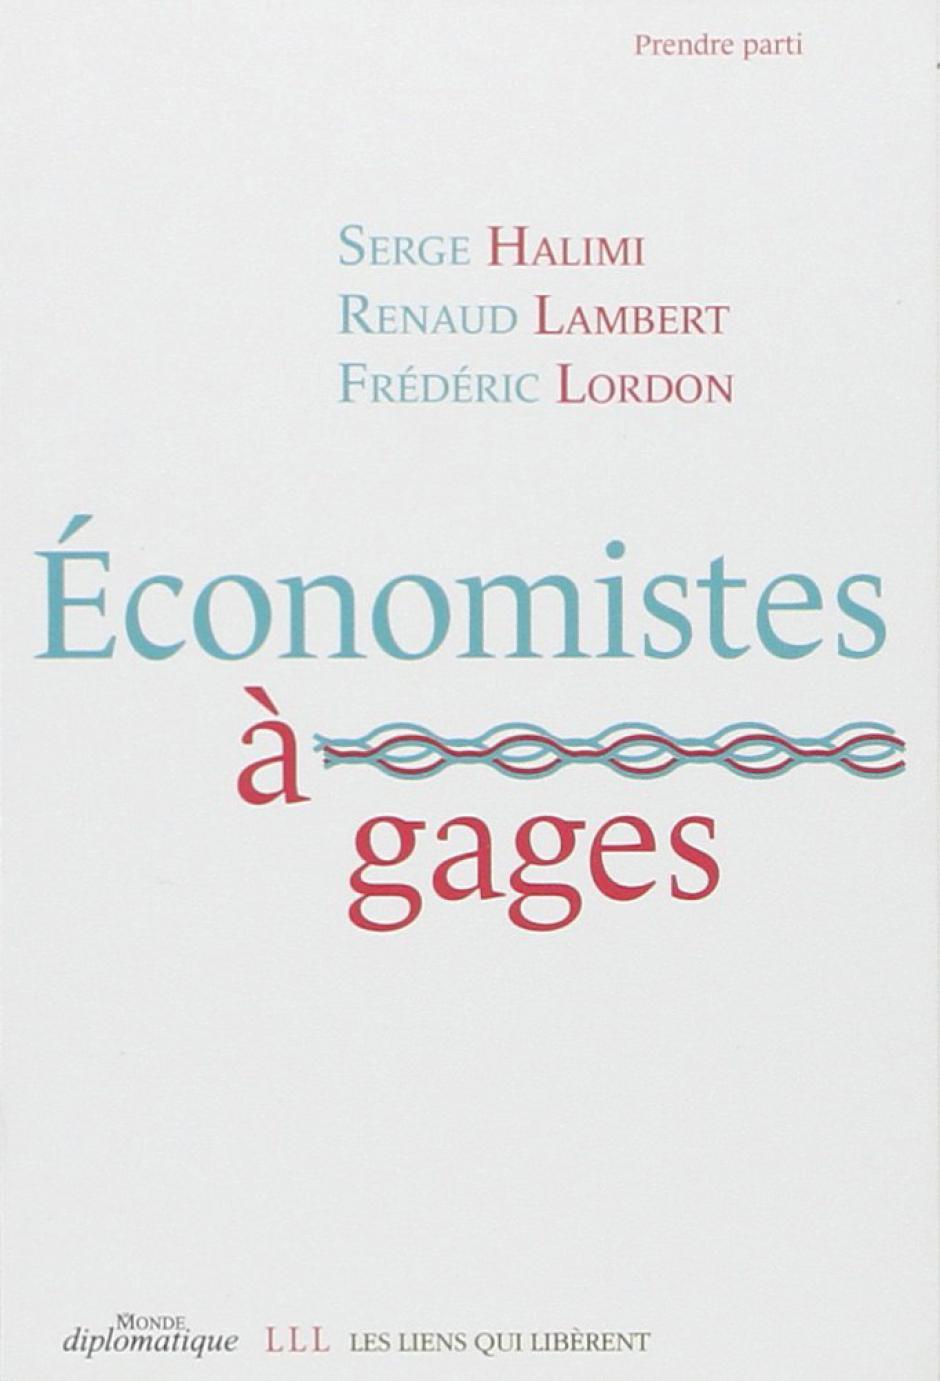 Économistes à gages, Serge Halimi, Renaud Lambert, Frédéric Lordon